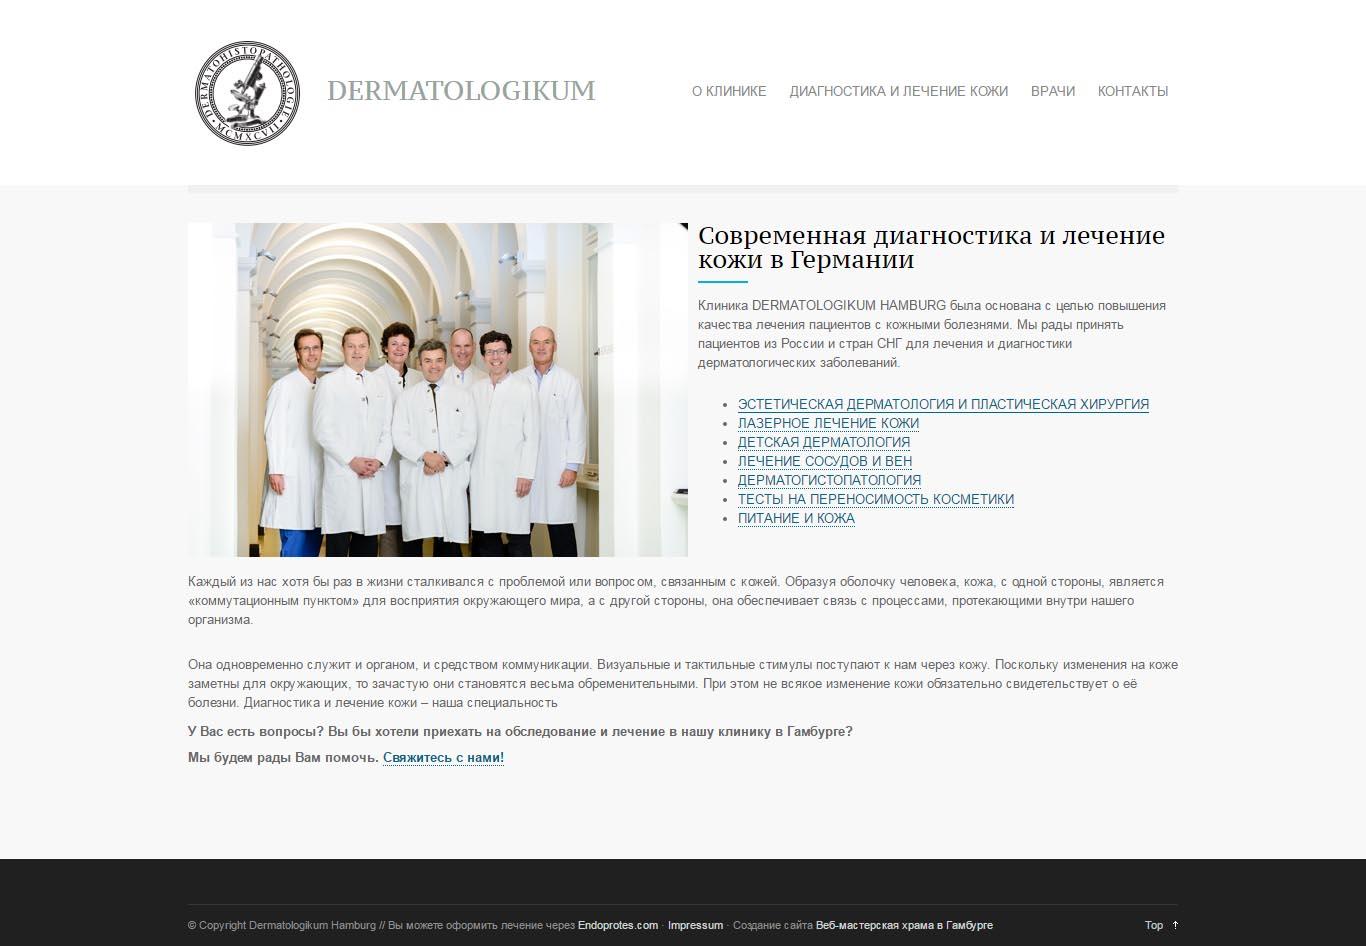 Клиника DERMATOLOGIKUM HAMBURG — диагностика и лечение кожи